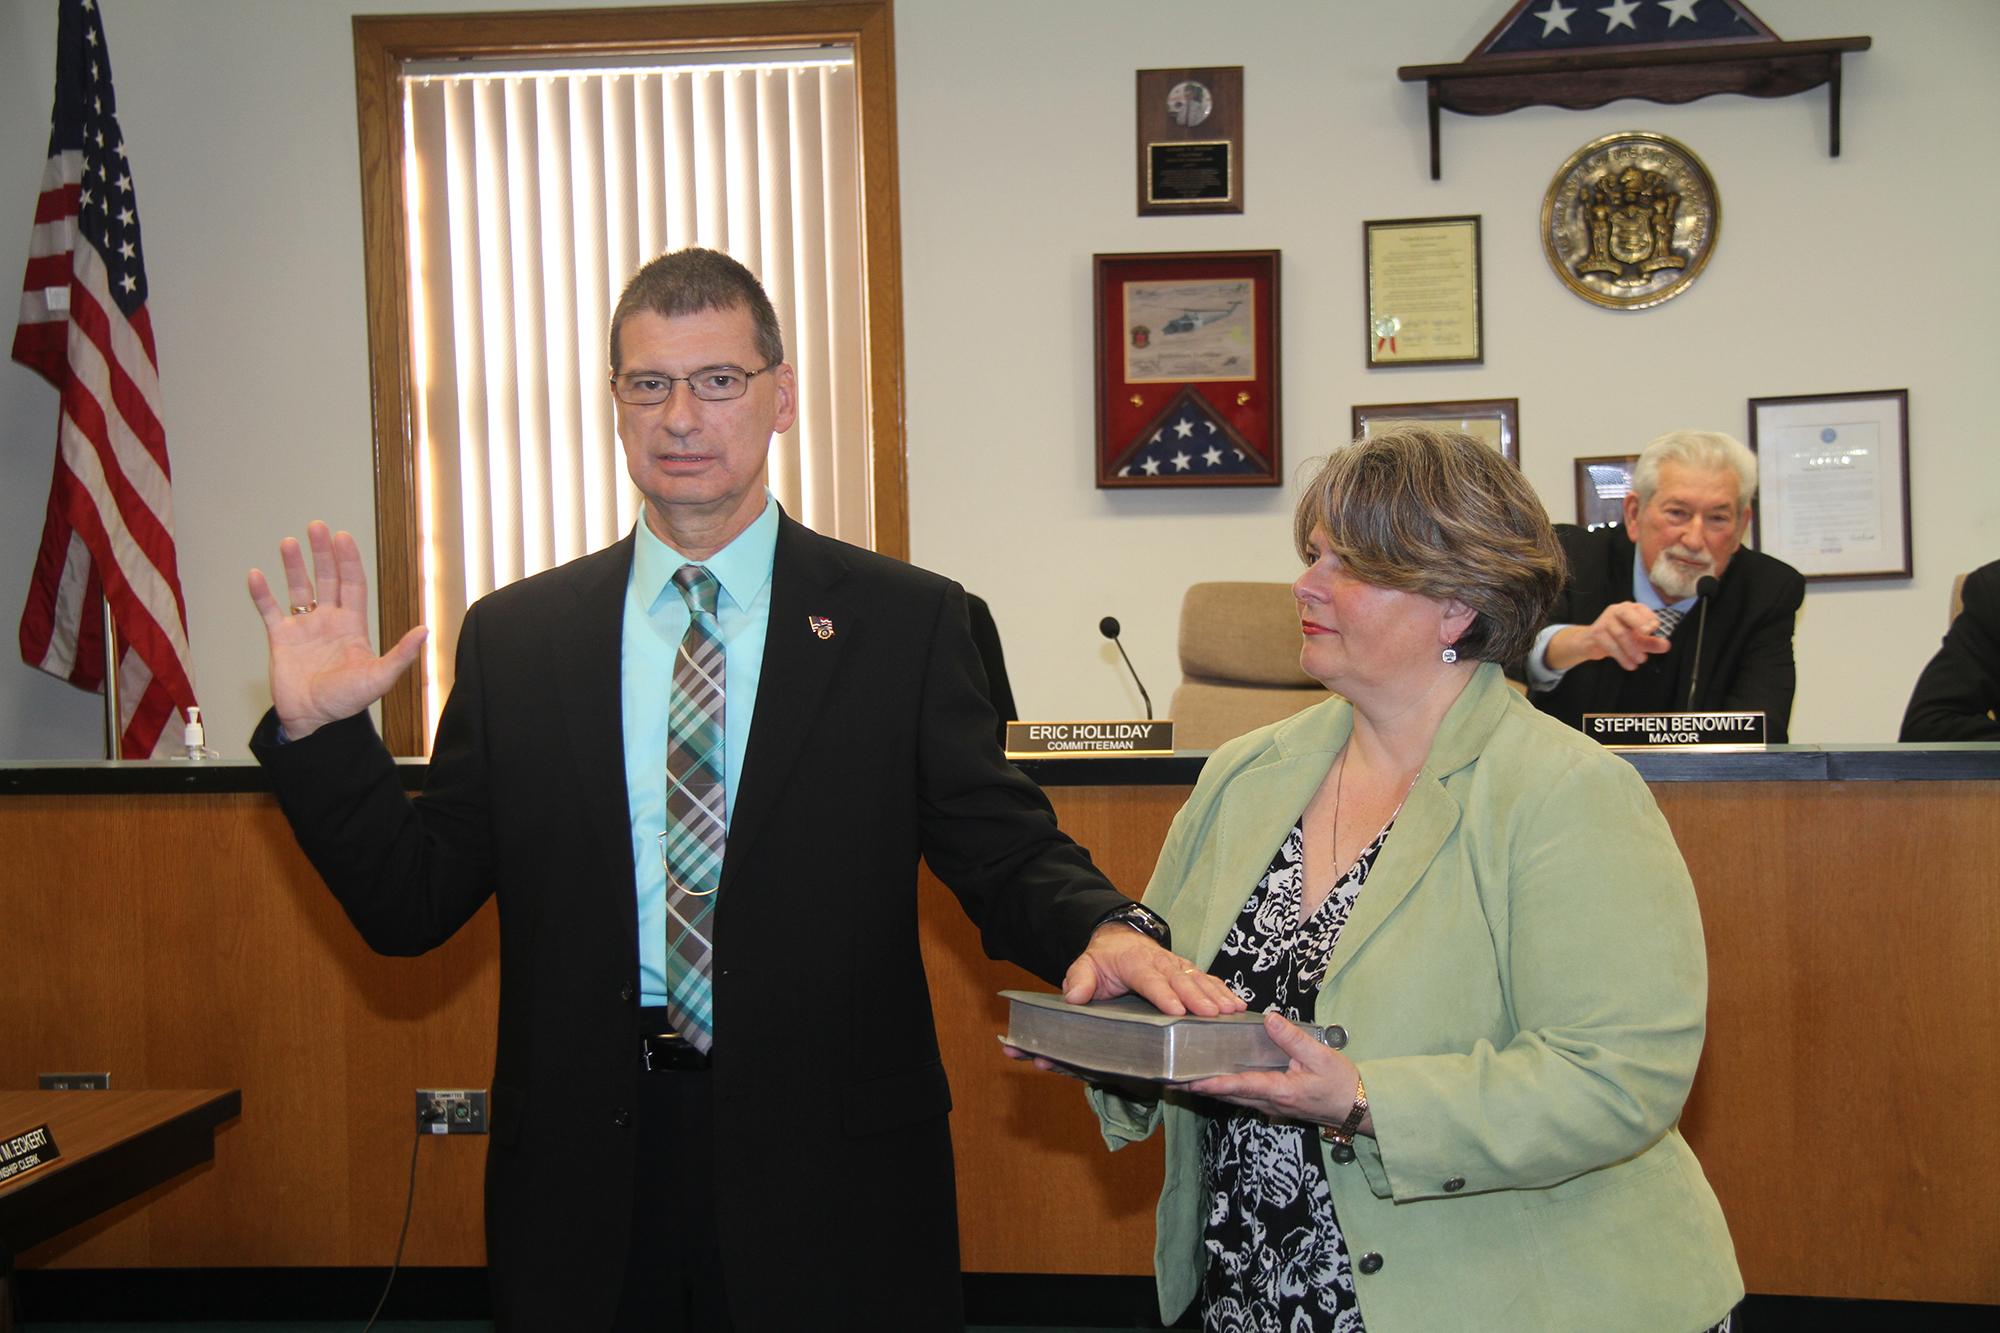 Committeeman_Kostoplis_and_his_wife_Stephanie.JPG